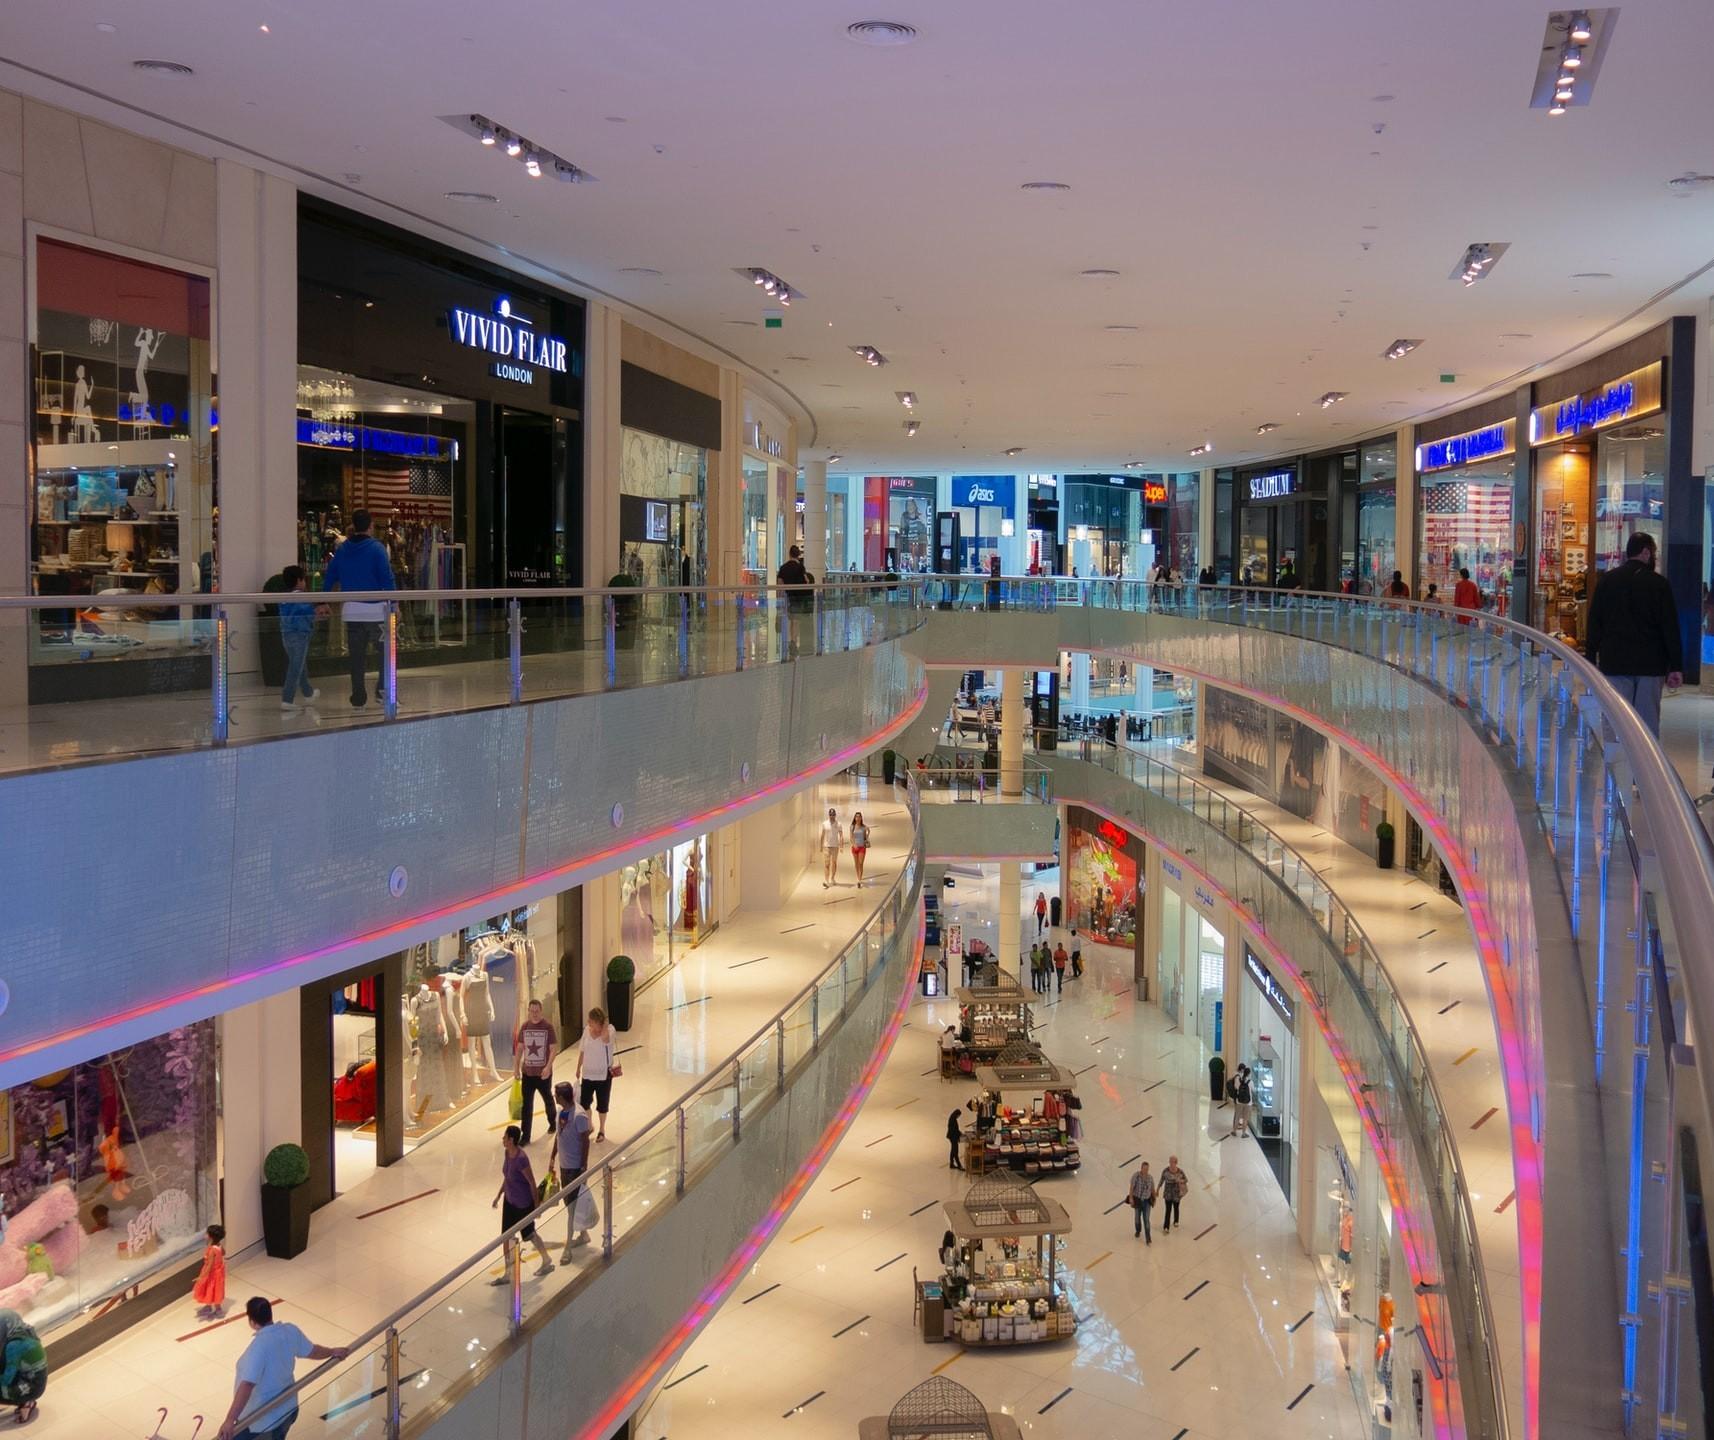 Sábados representam 25% do faturamento mensal dos shoppings em Maringá